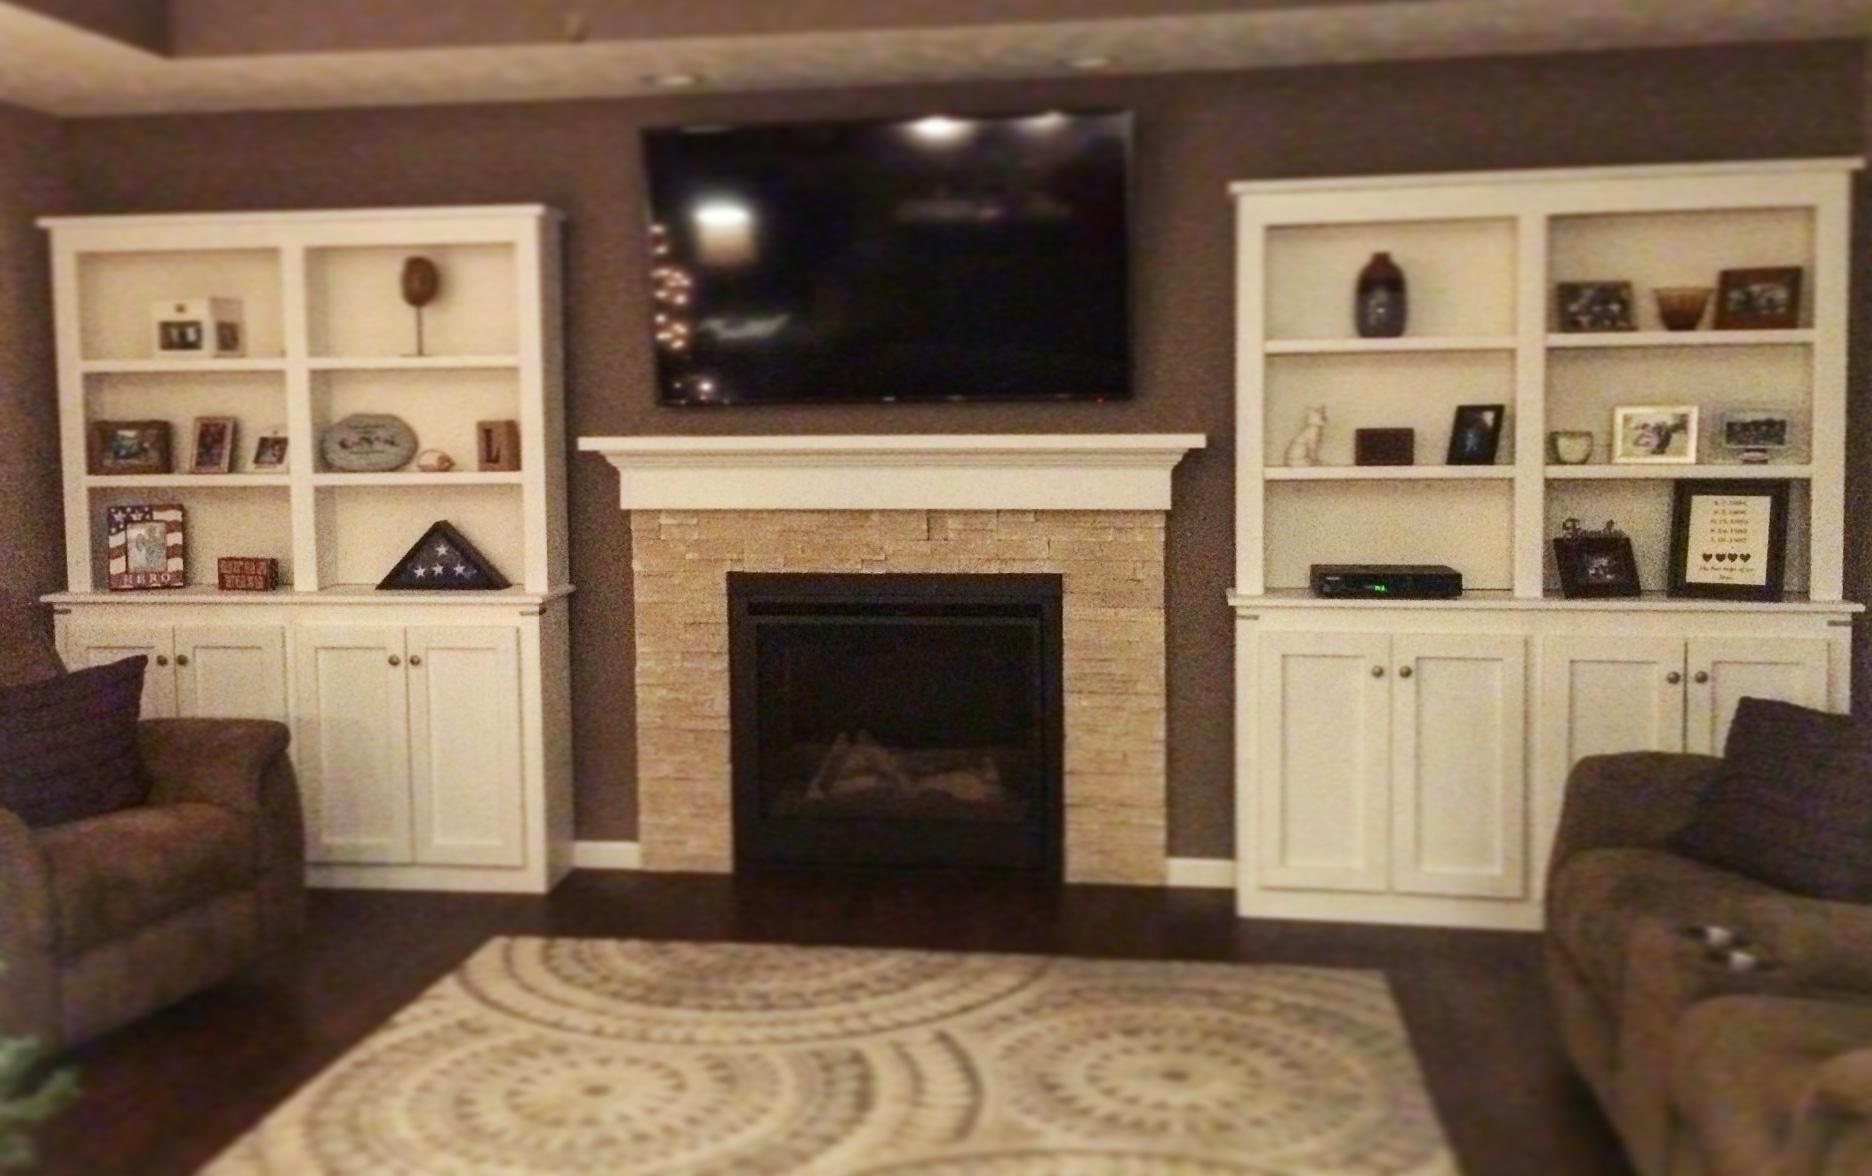 Matching Cabinets w/ Shelving